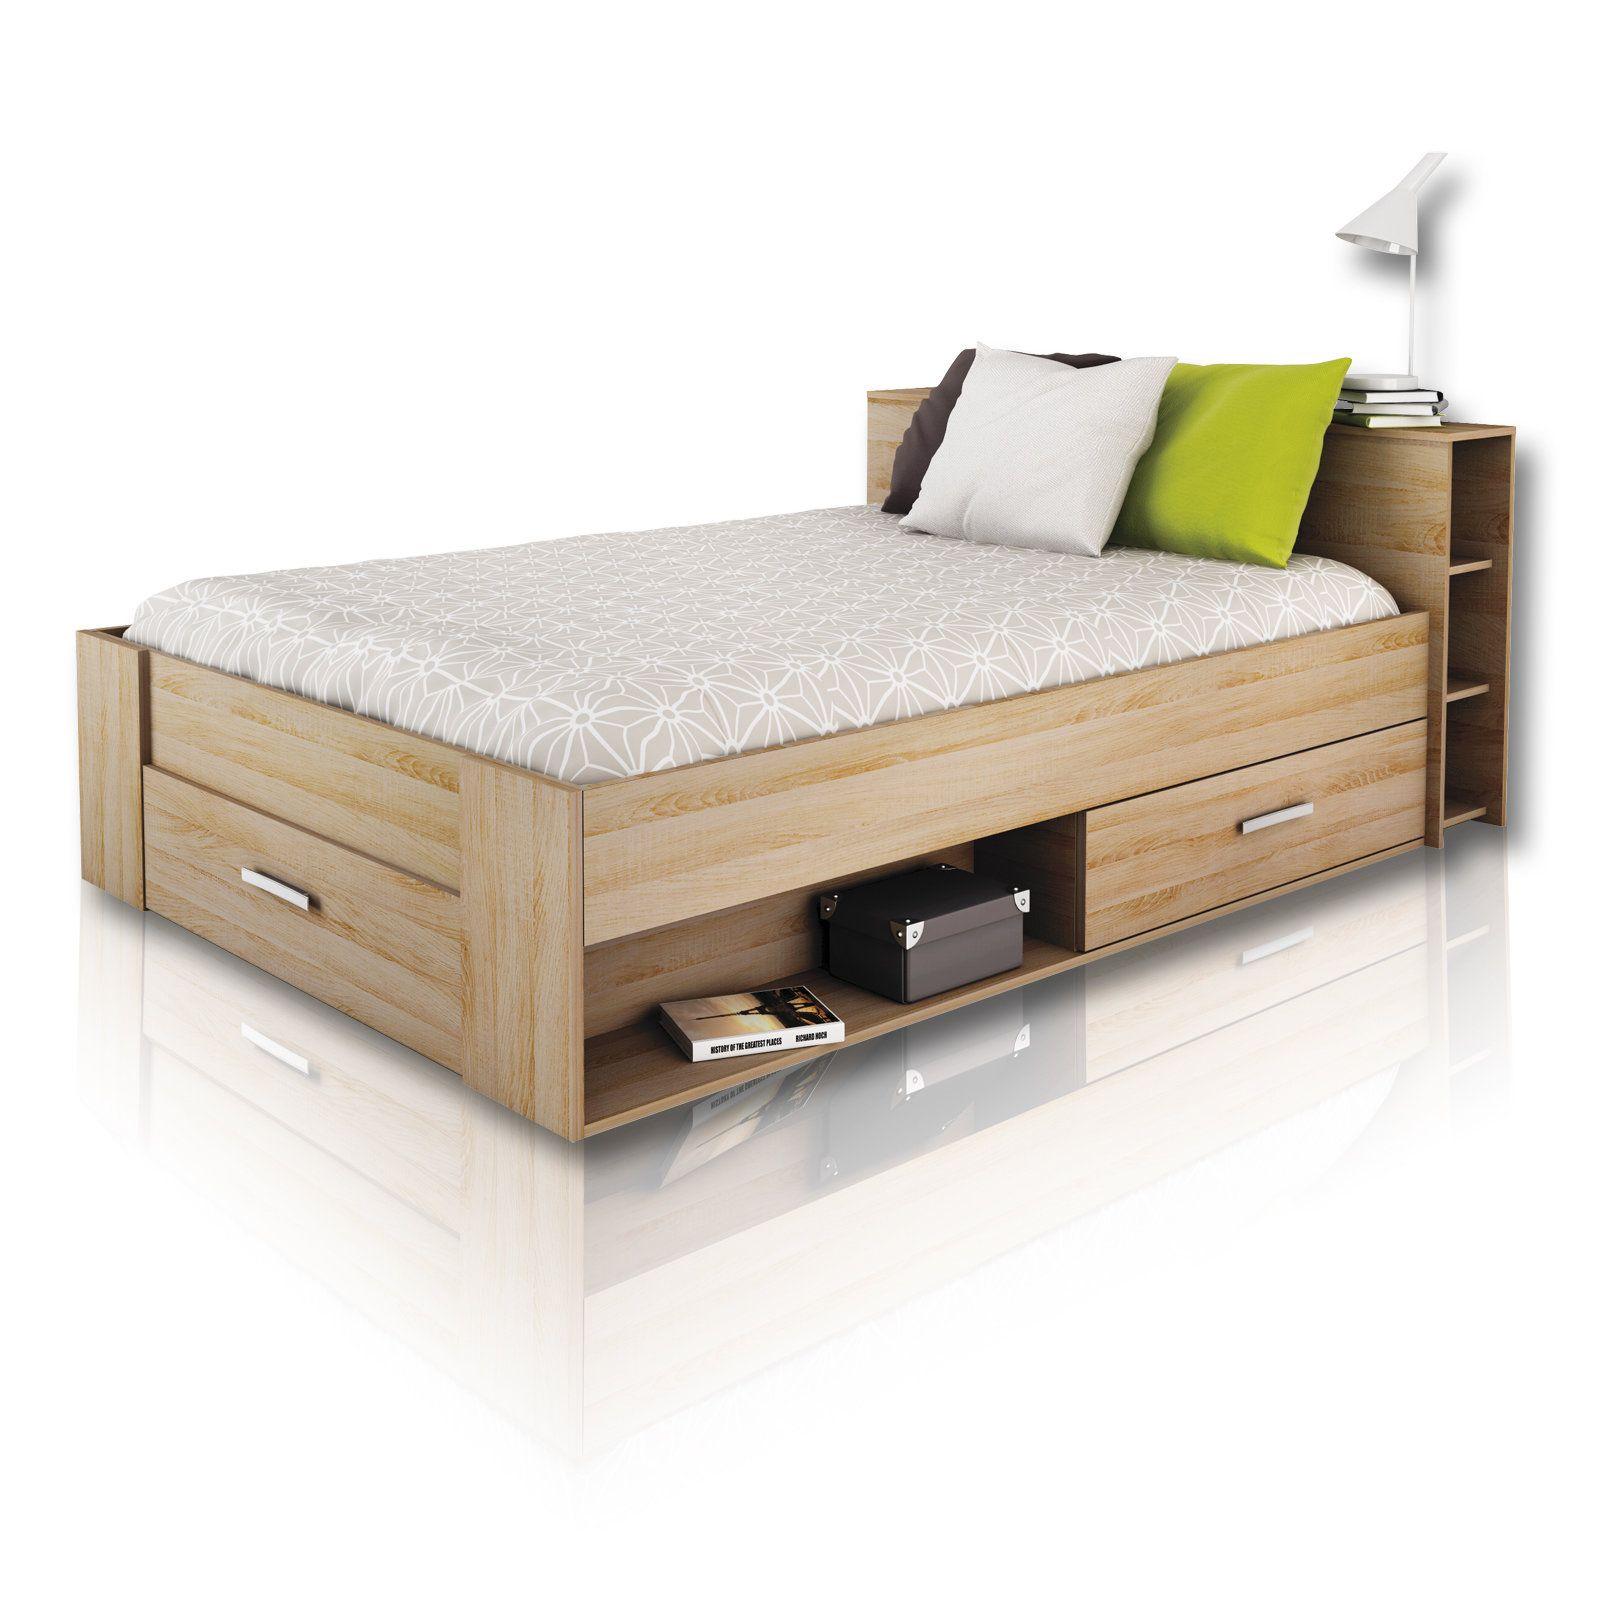 Funktionsbett Pocket Eiche Sonoma 140x200 Cm Bettgestelle Betten Mobel Doppelbett Mit Stauraum Bettgestell Bett Lagerung